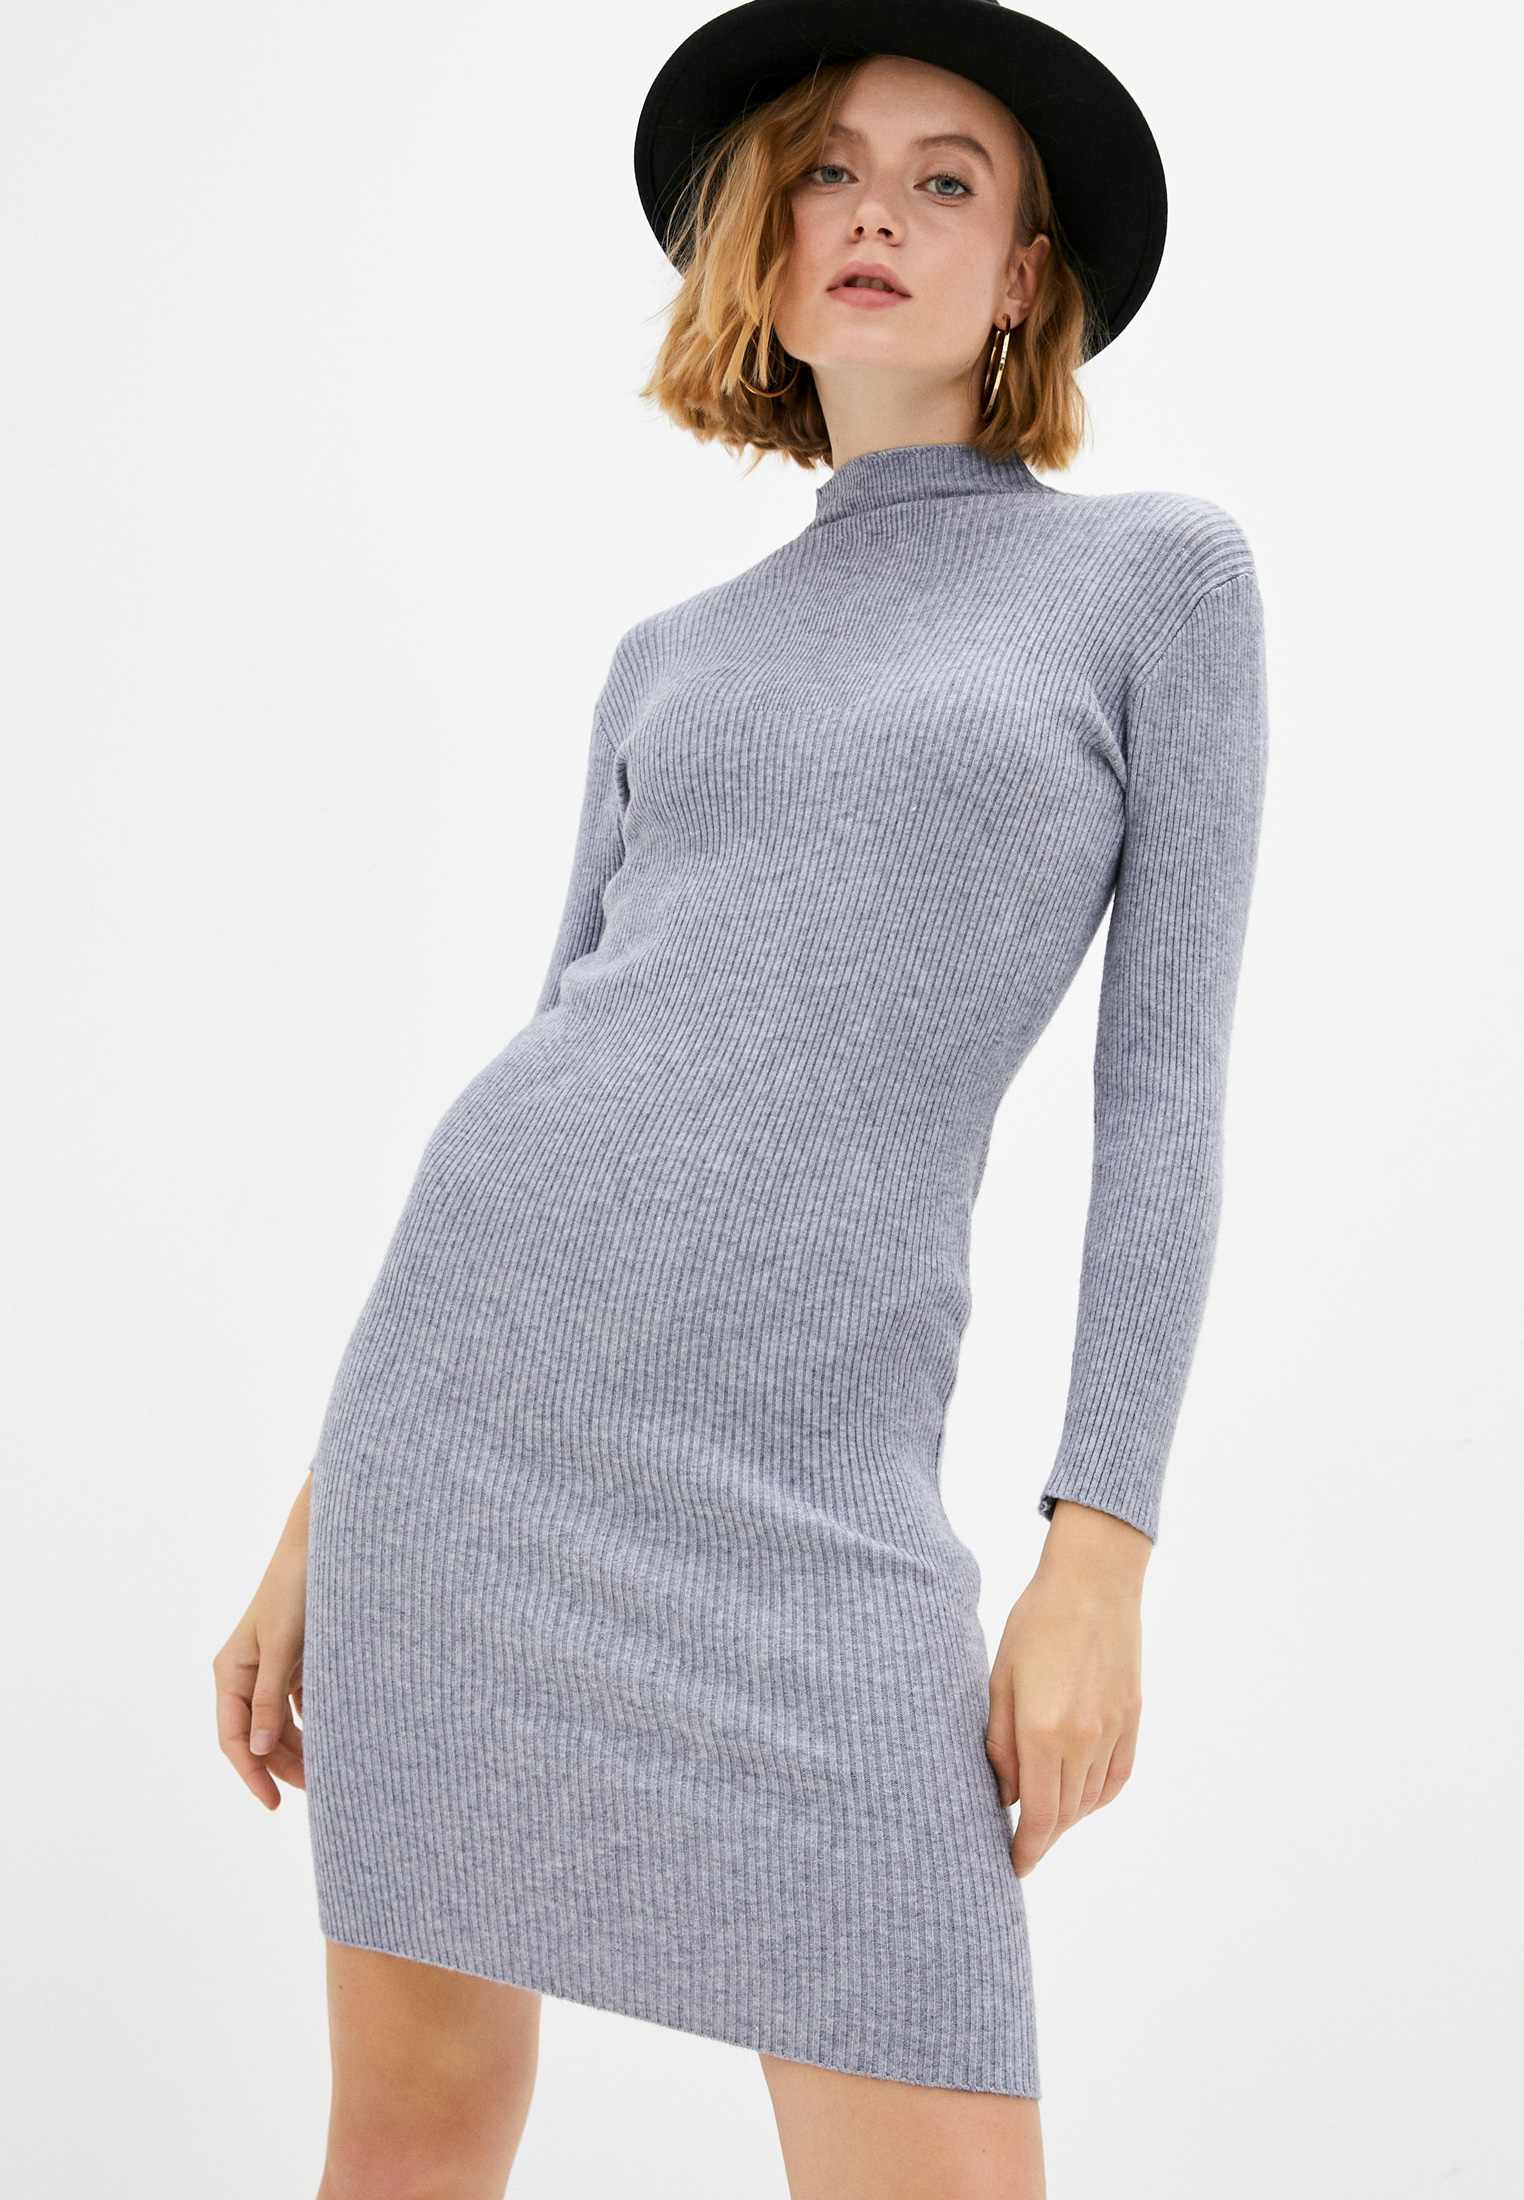 Вязаное платье Vickwool Платье Vickwool